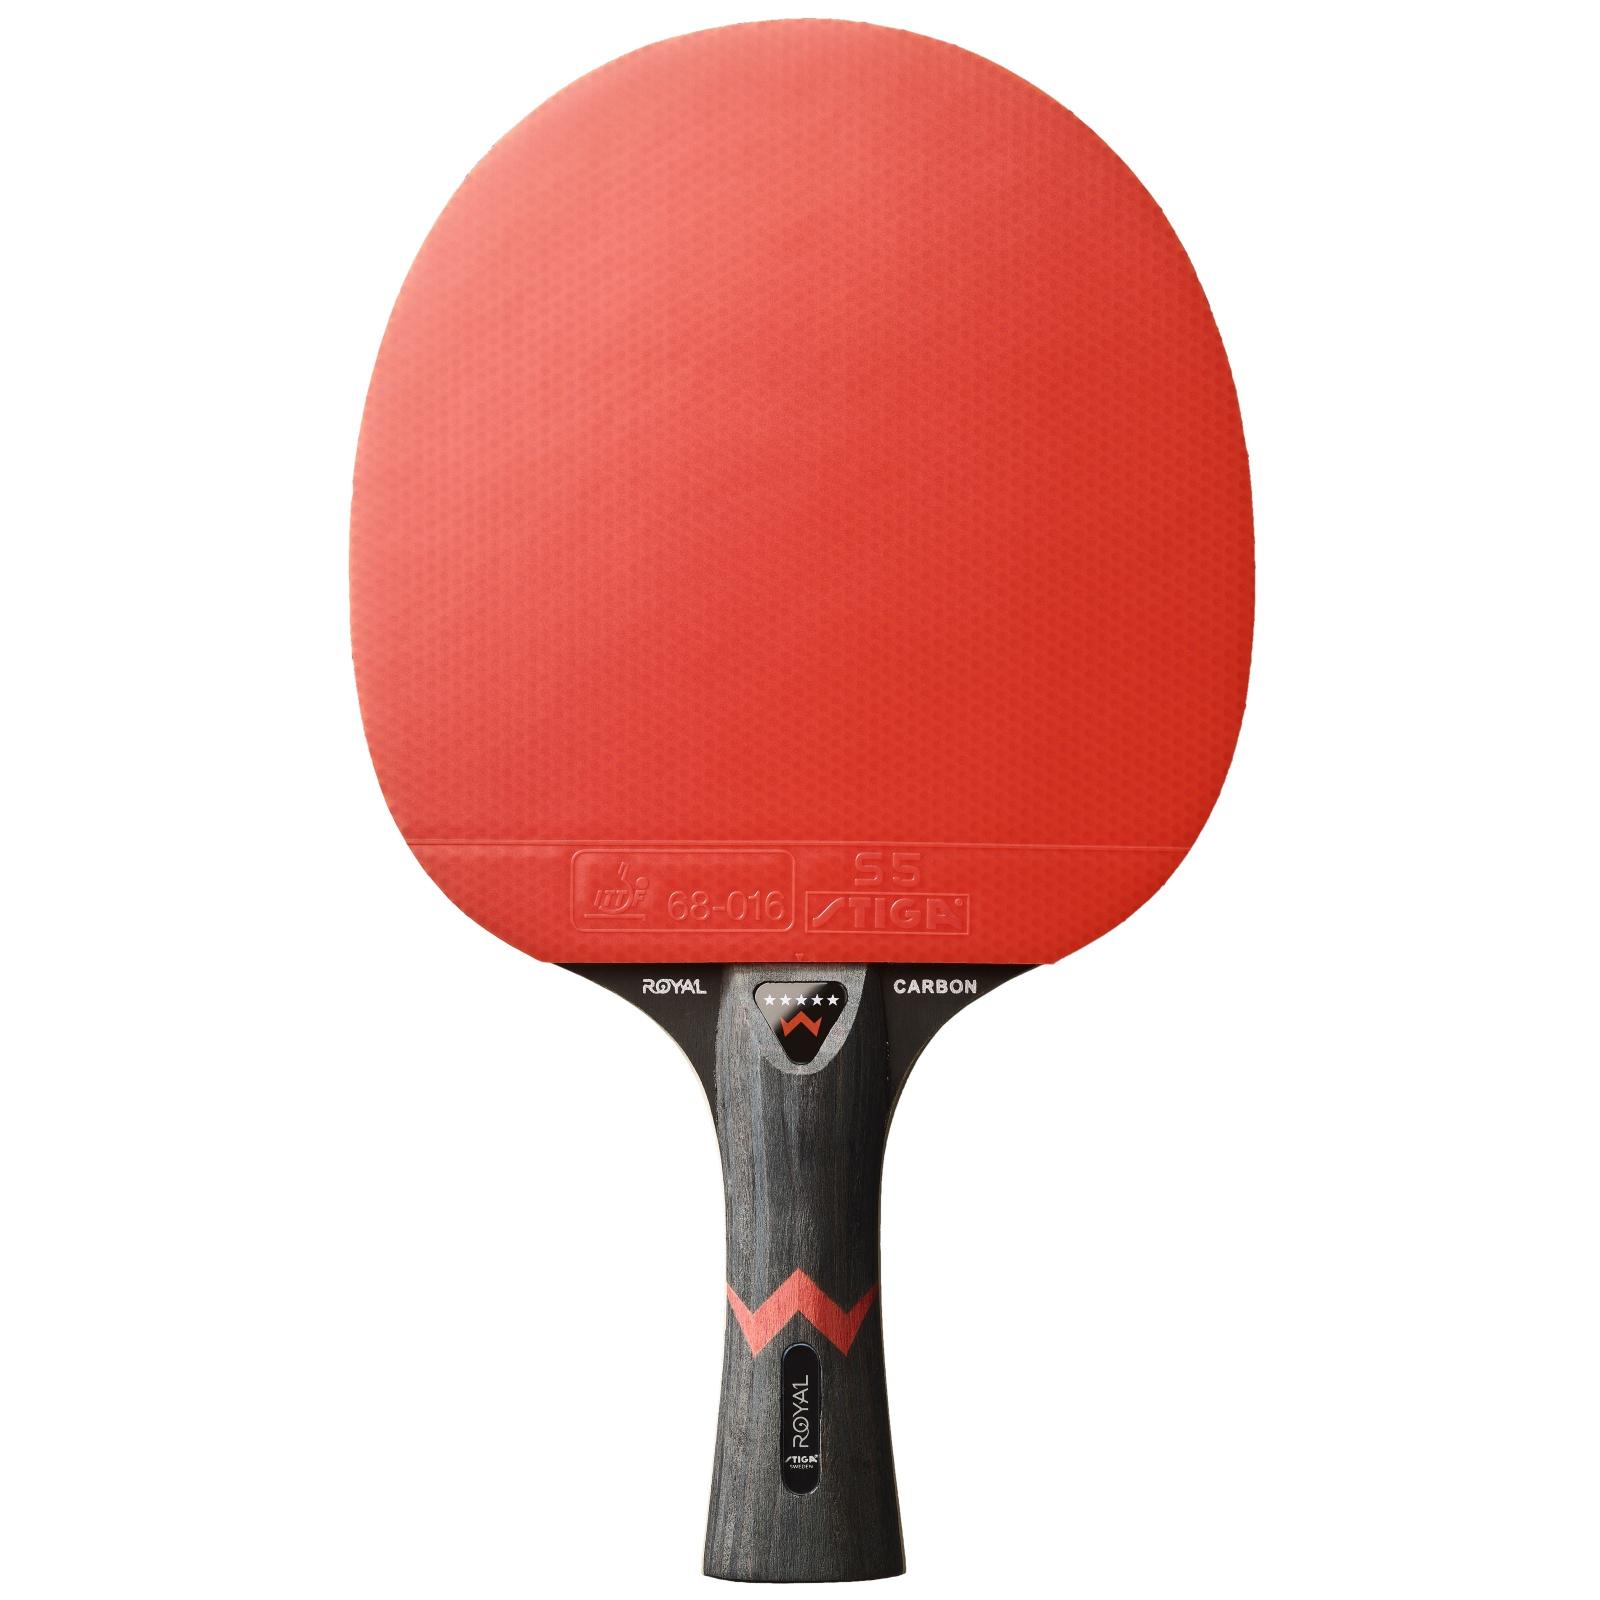 Pálka na stolní tenis STIGA Royal Carbon*****